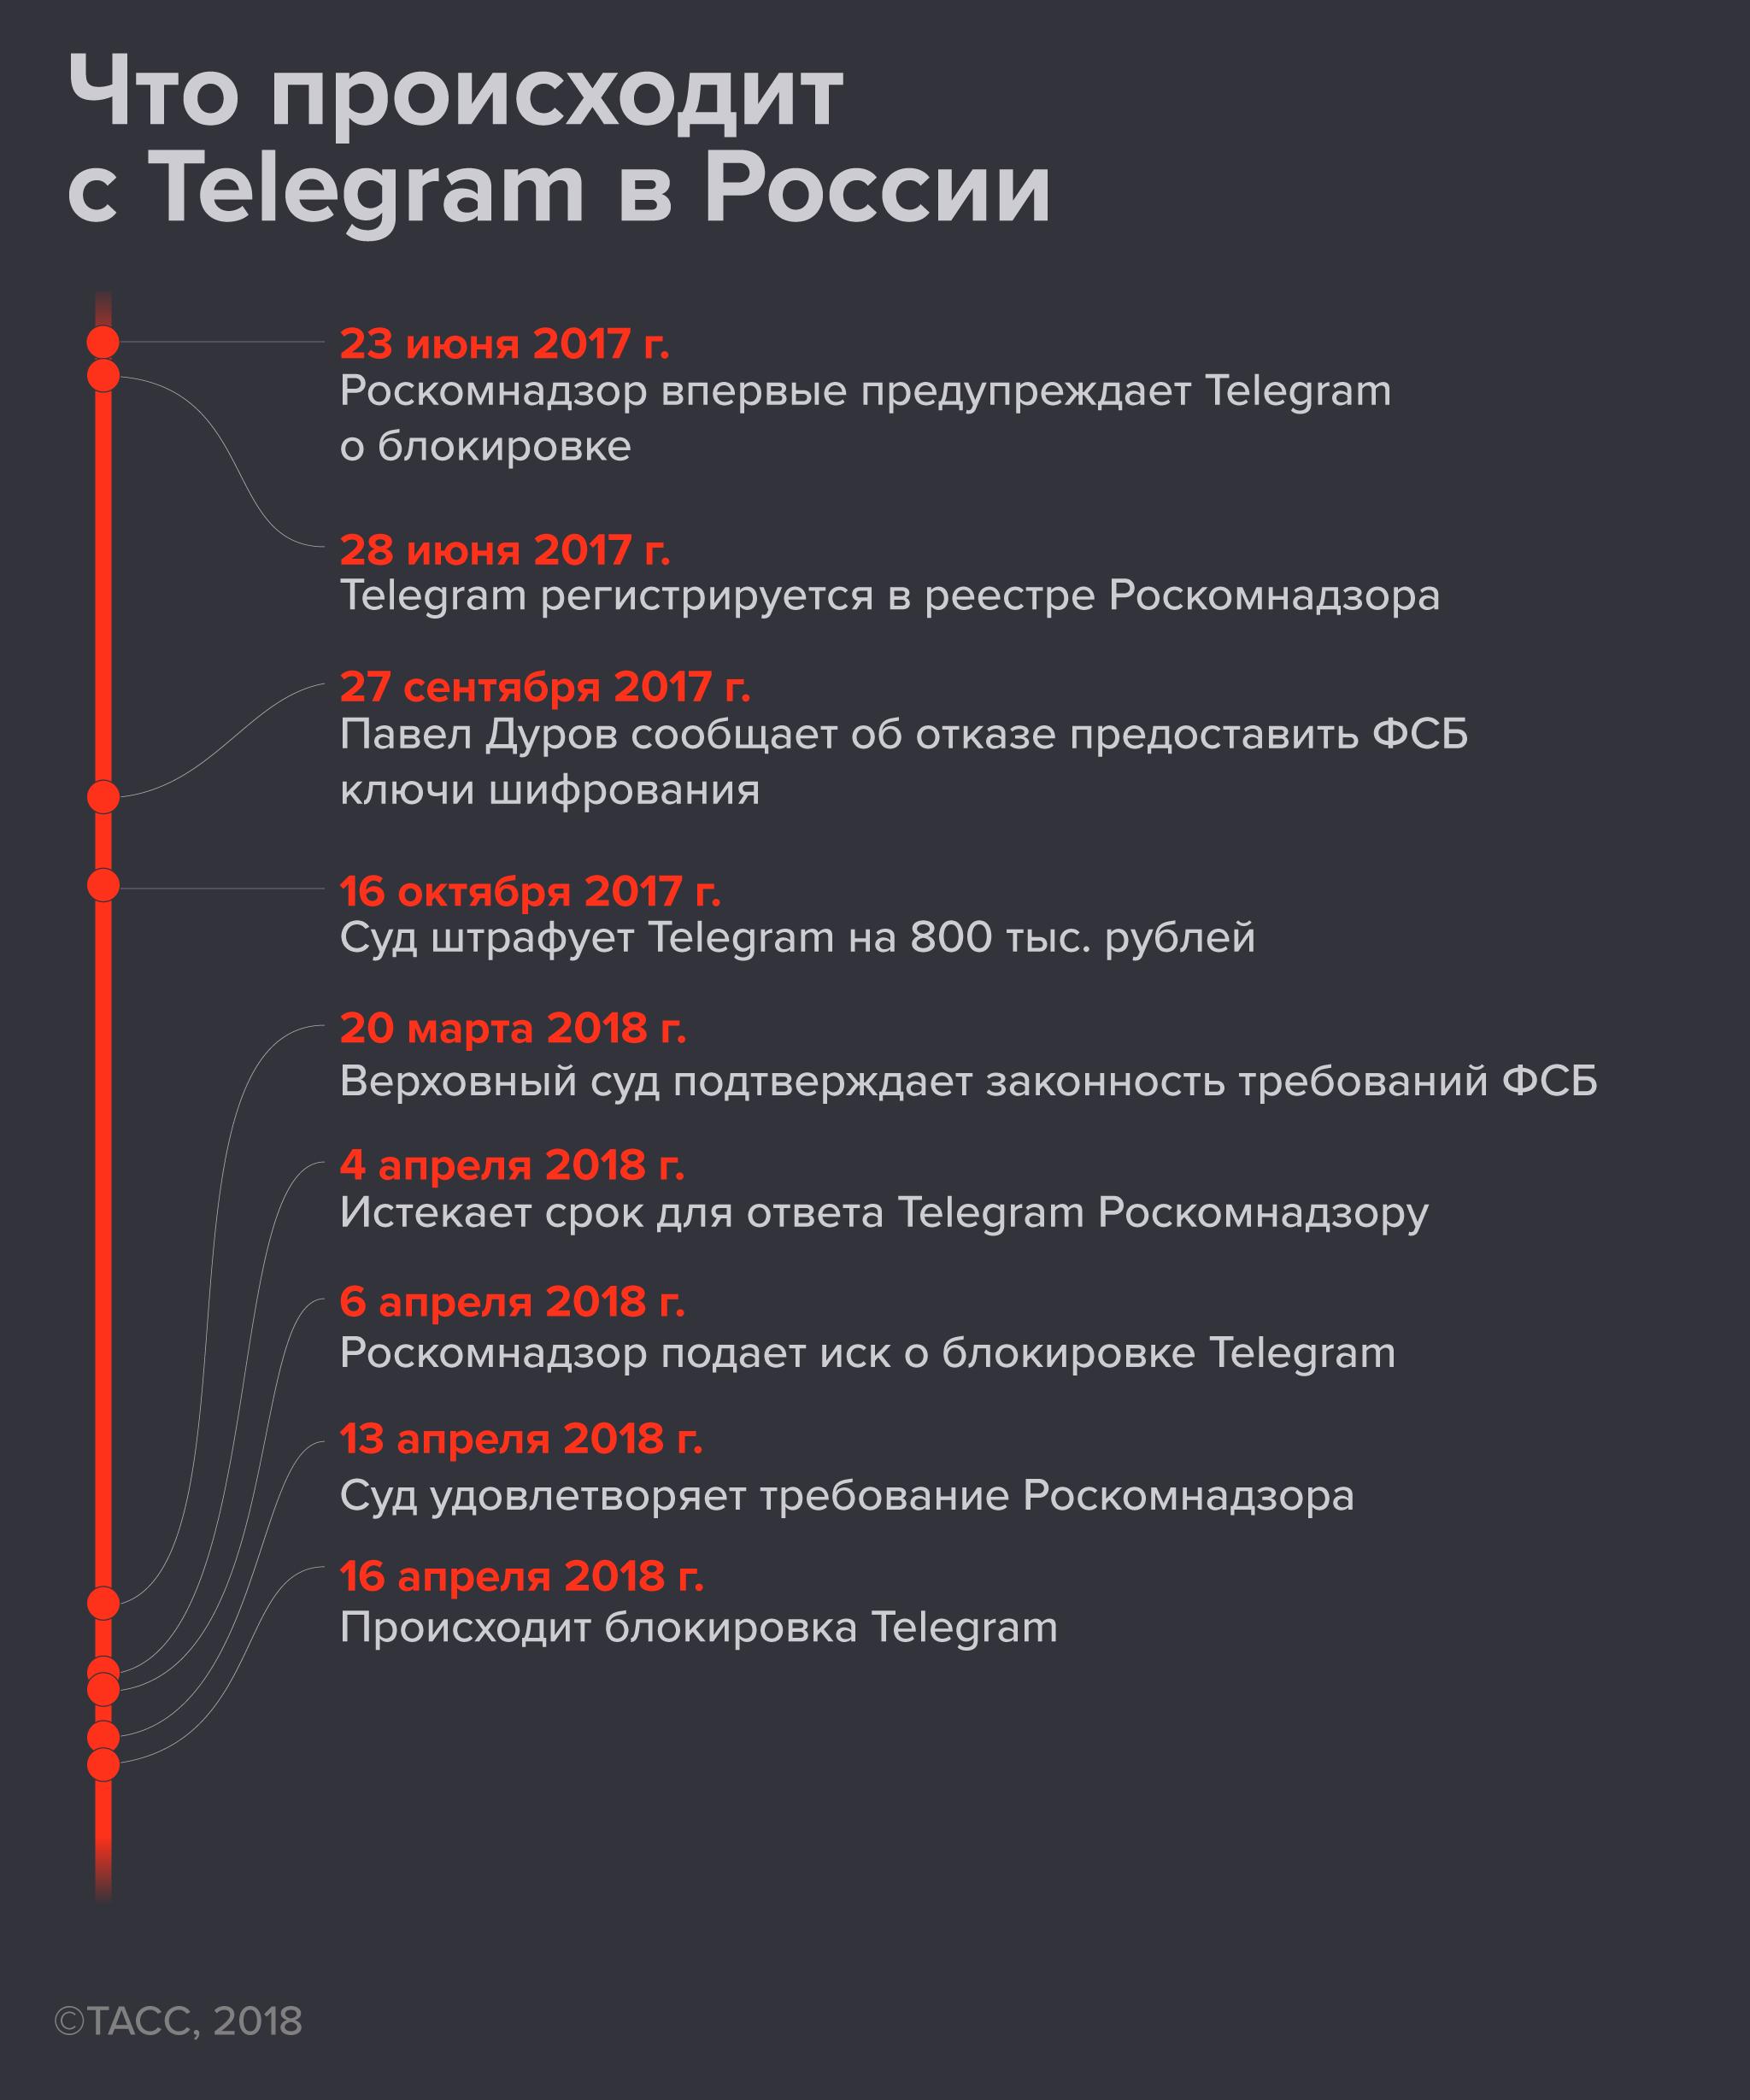 Что происходит с Telegram в России